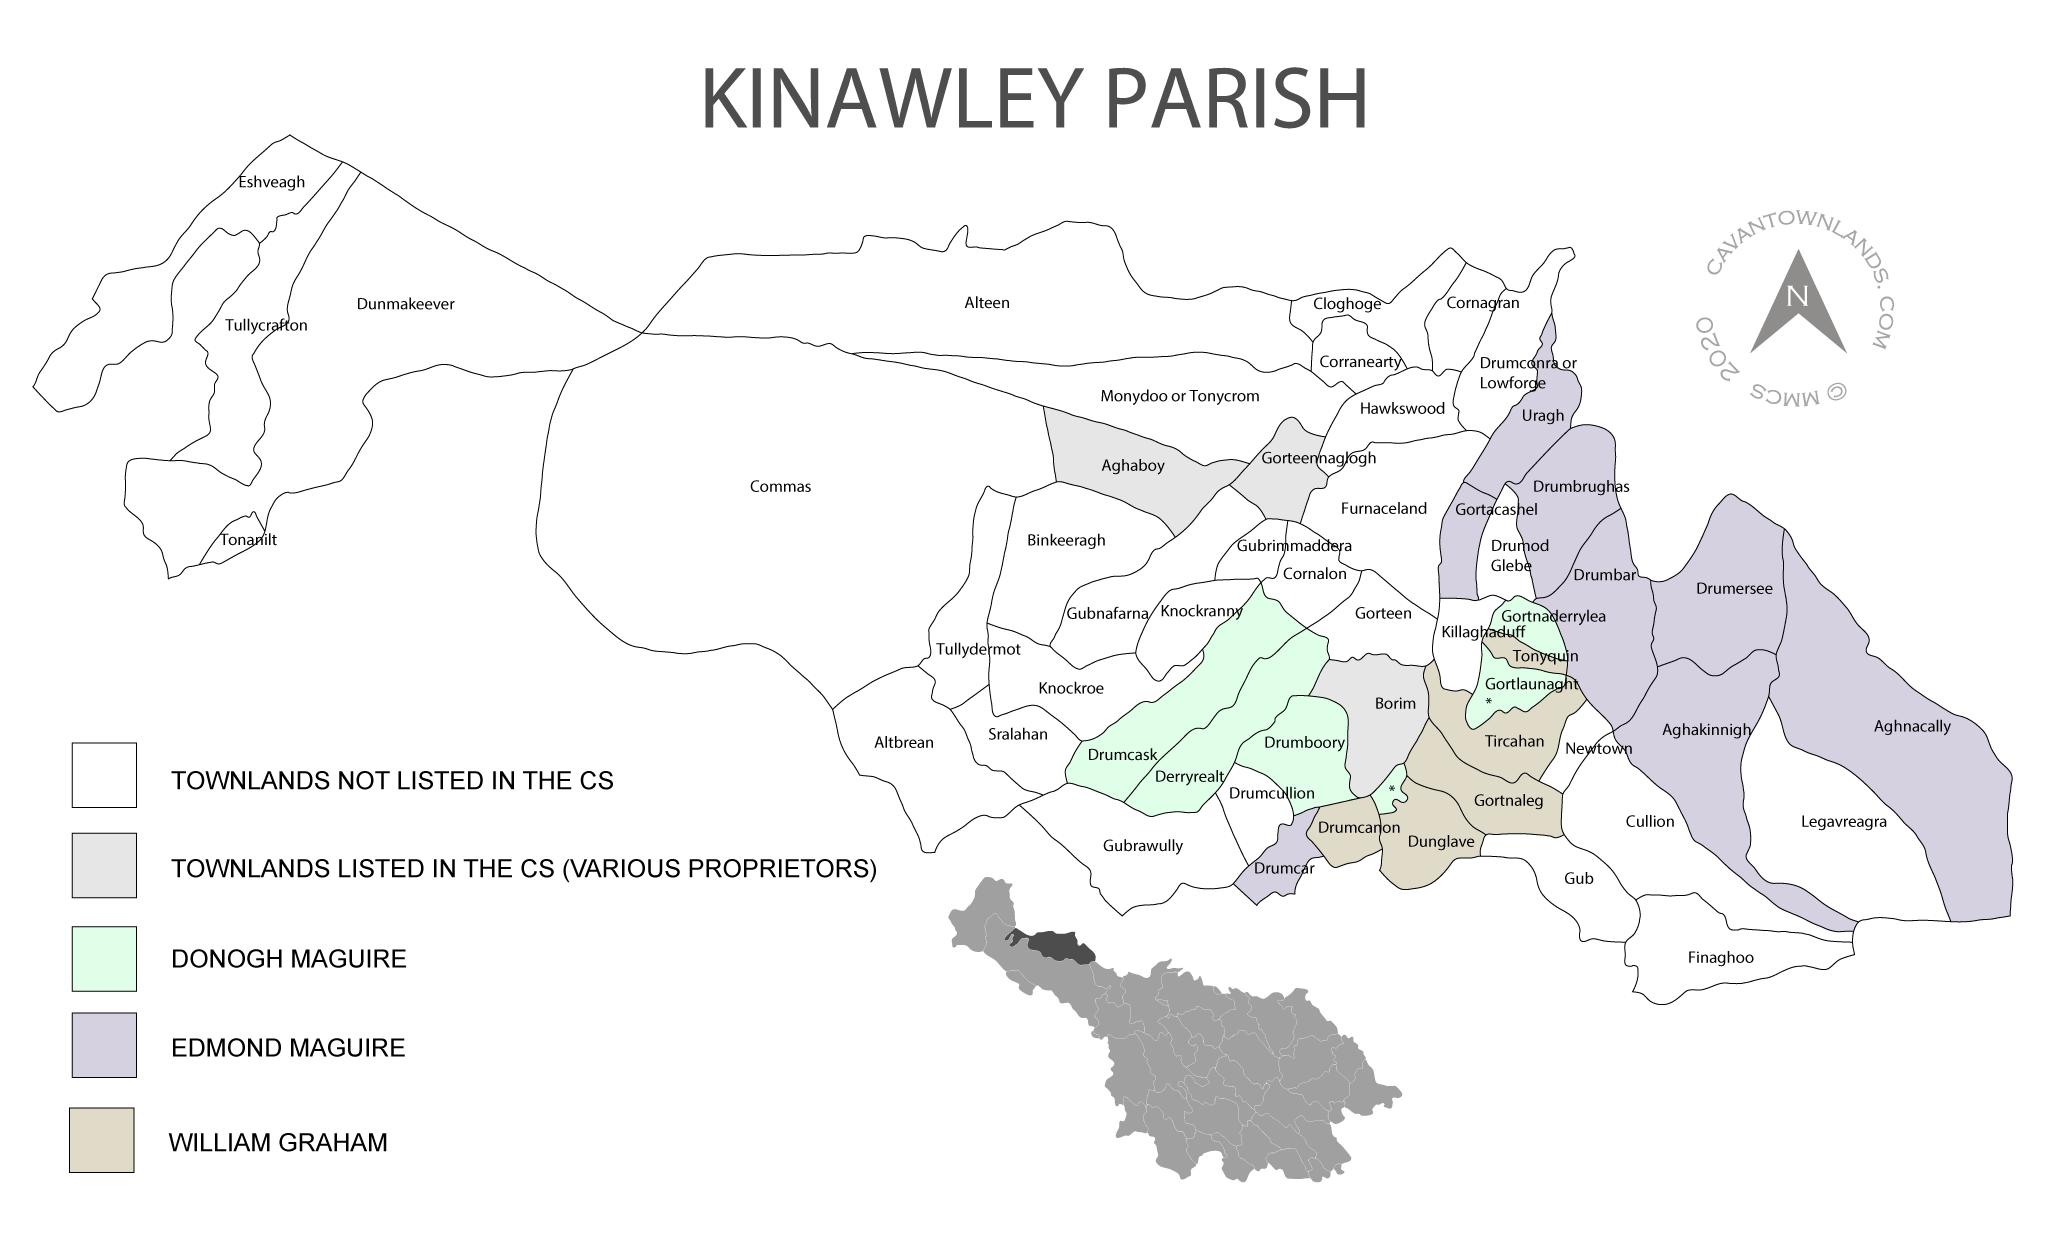 Kinawley